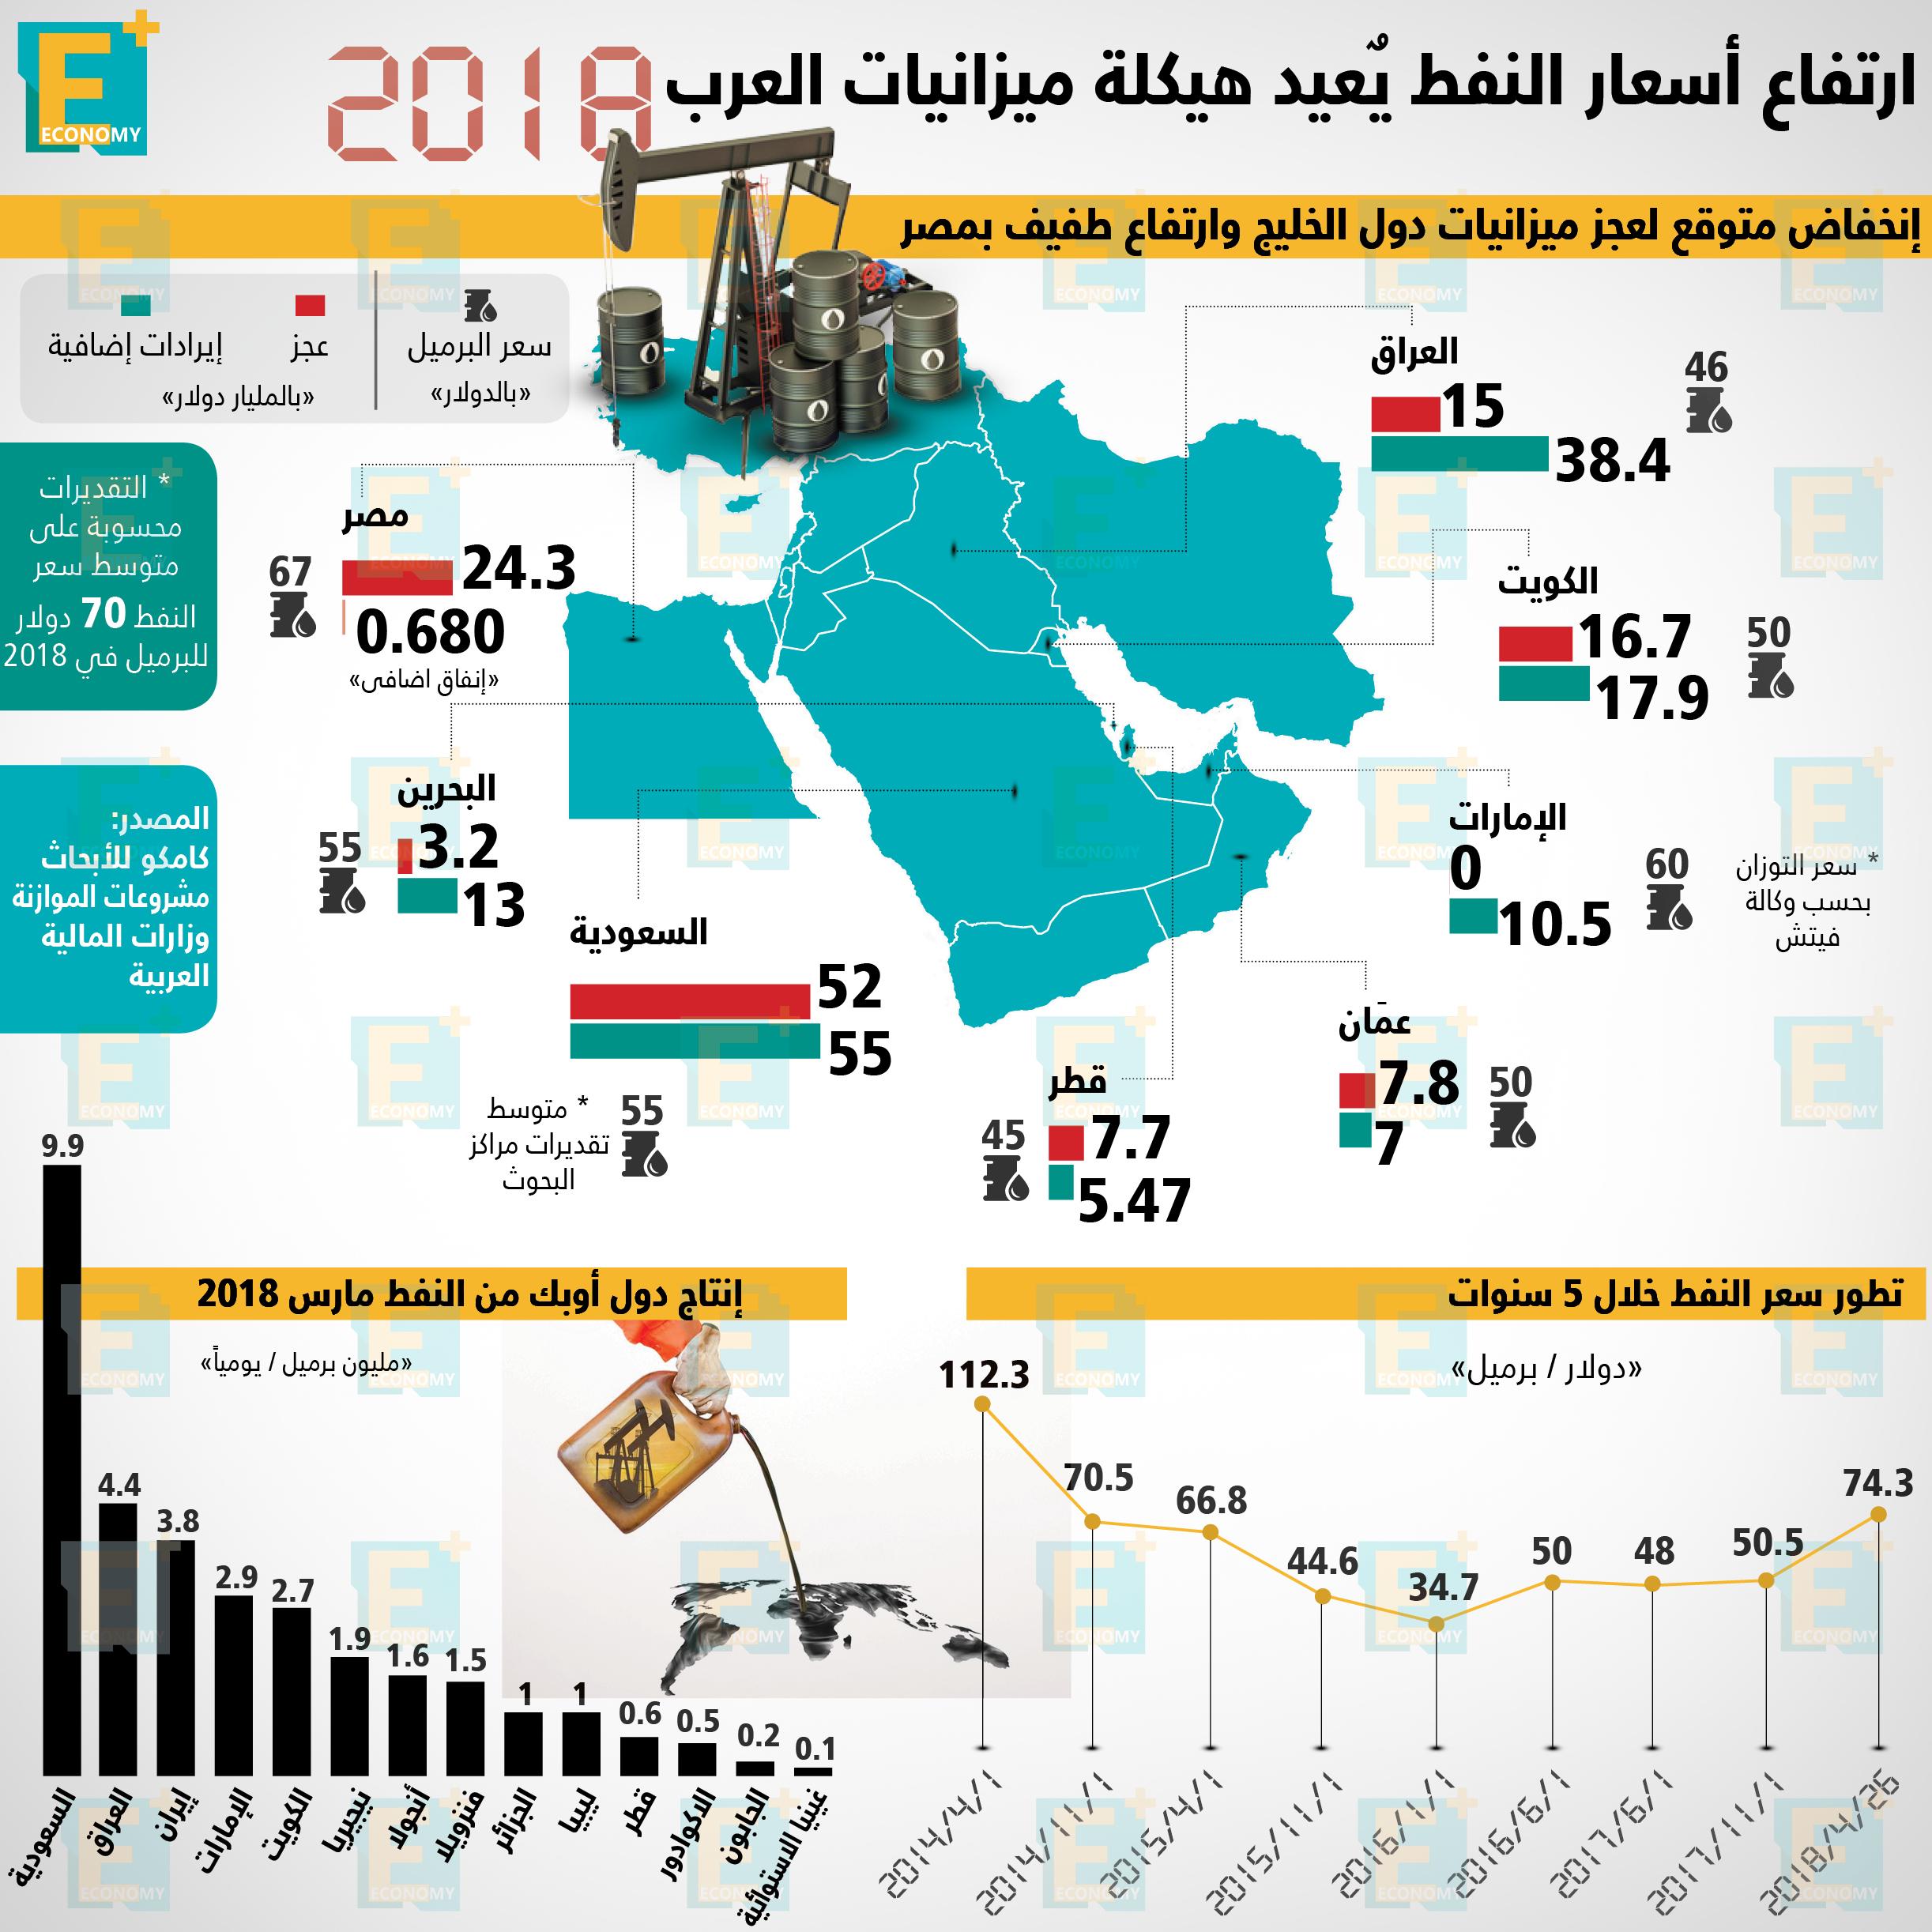 ارتفاع أسعار النفط يعيد هيكلة ميزانيات العرب 2018